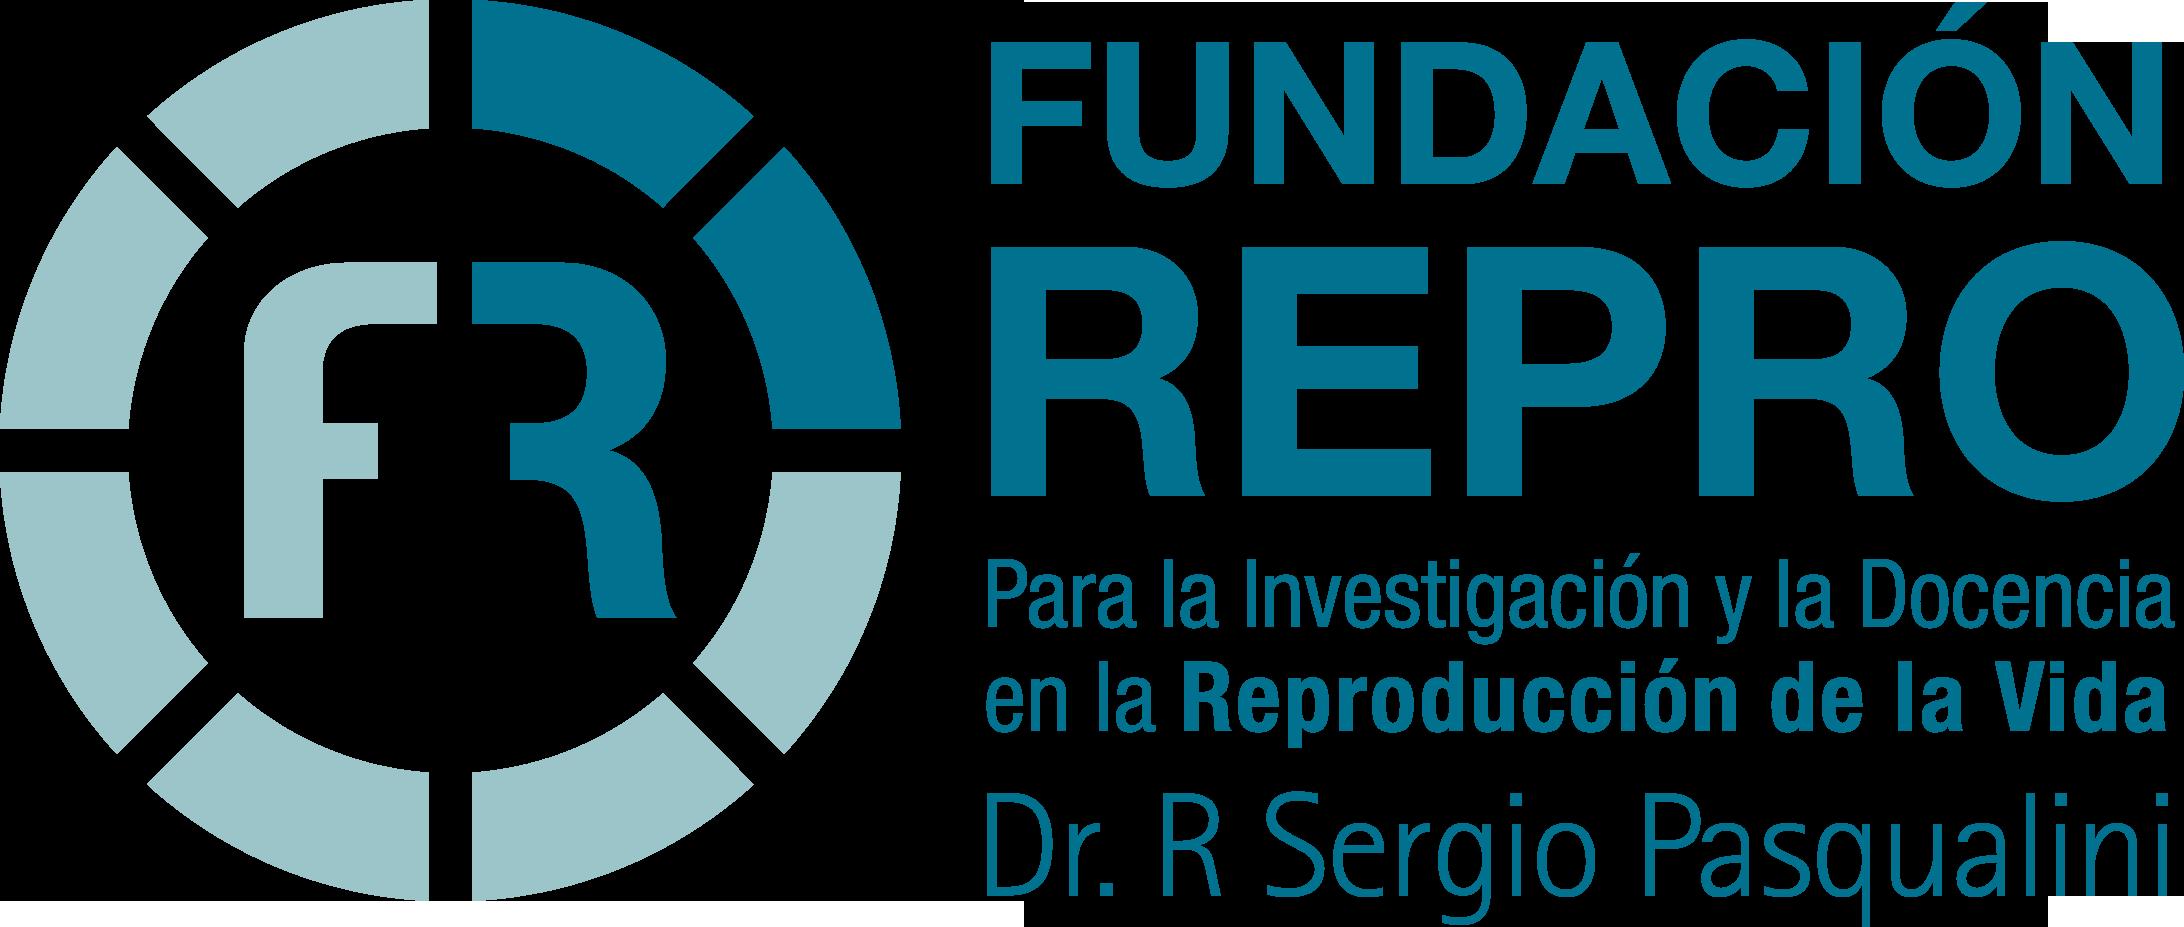 Para la Investigación y la Docencia en la Reproducción de la Vida